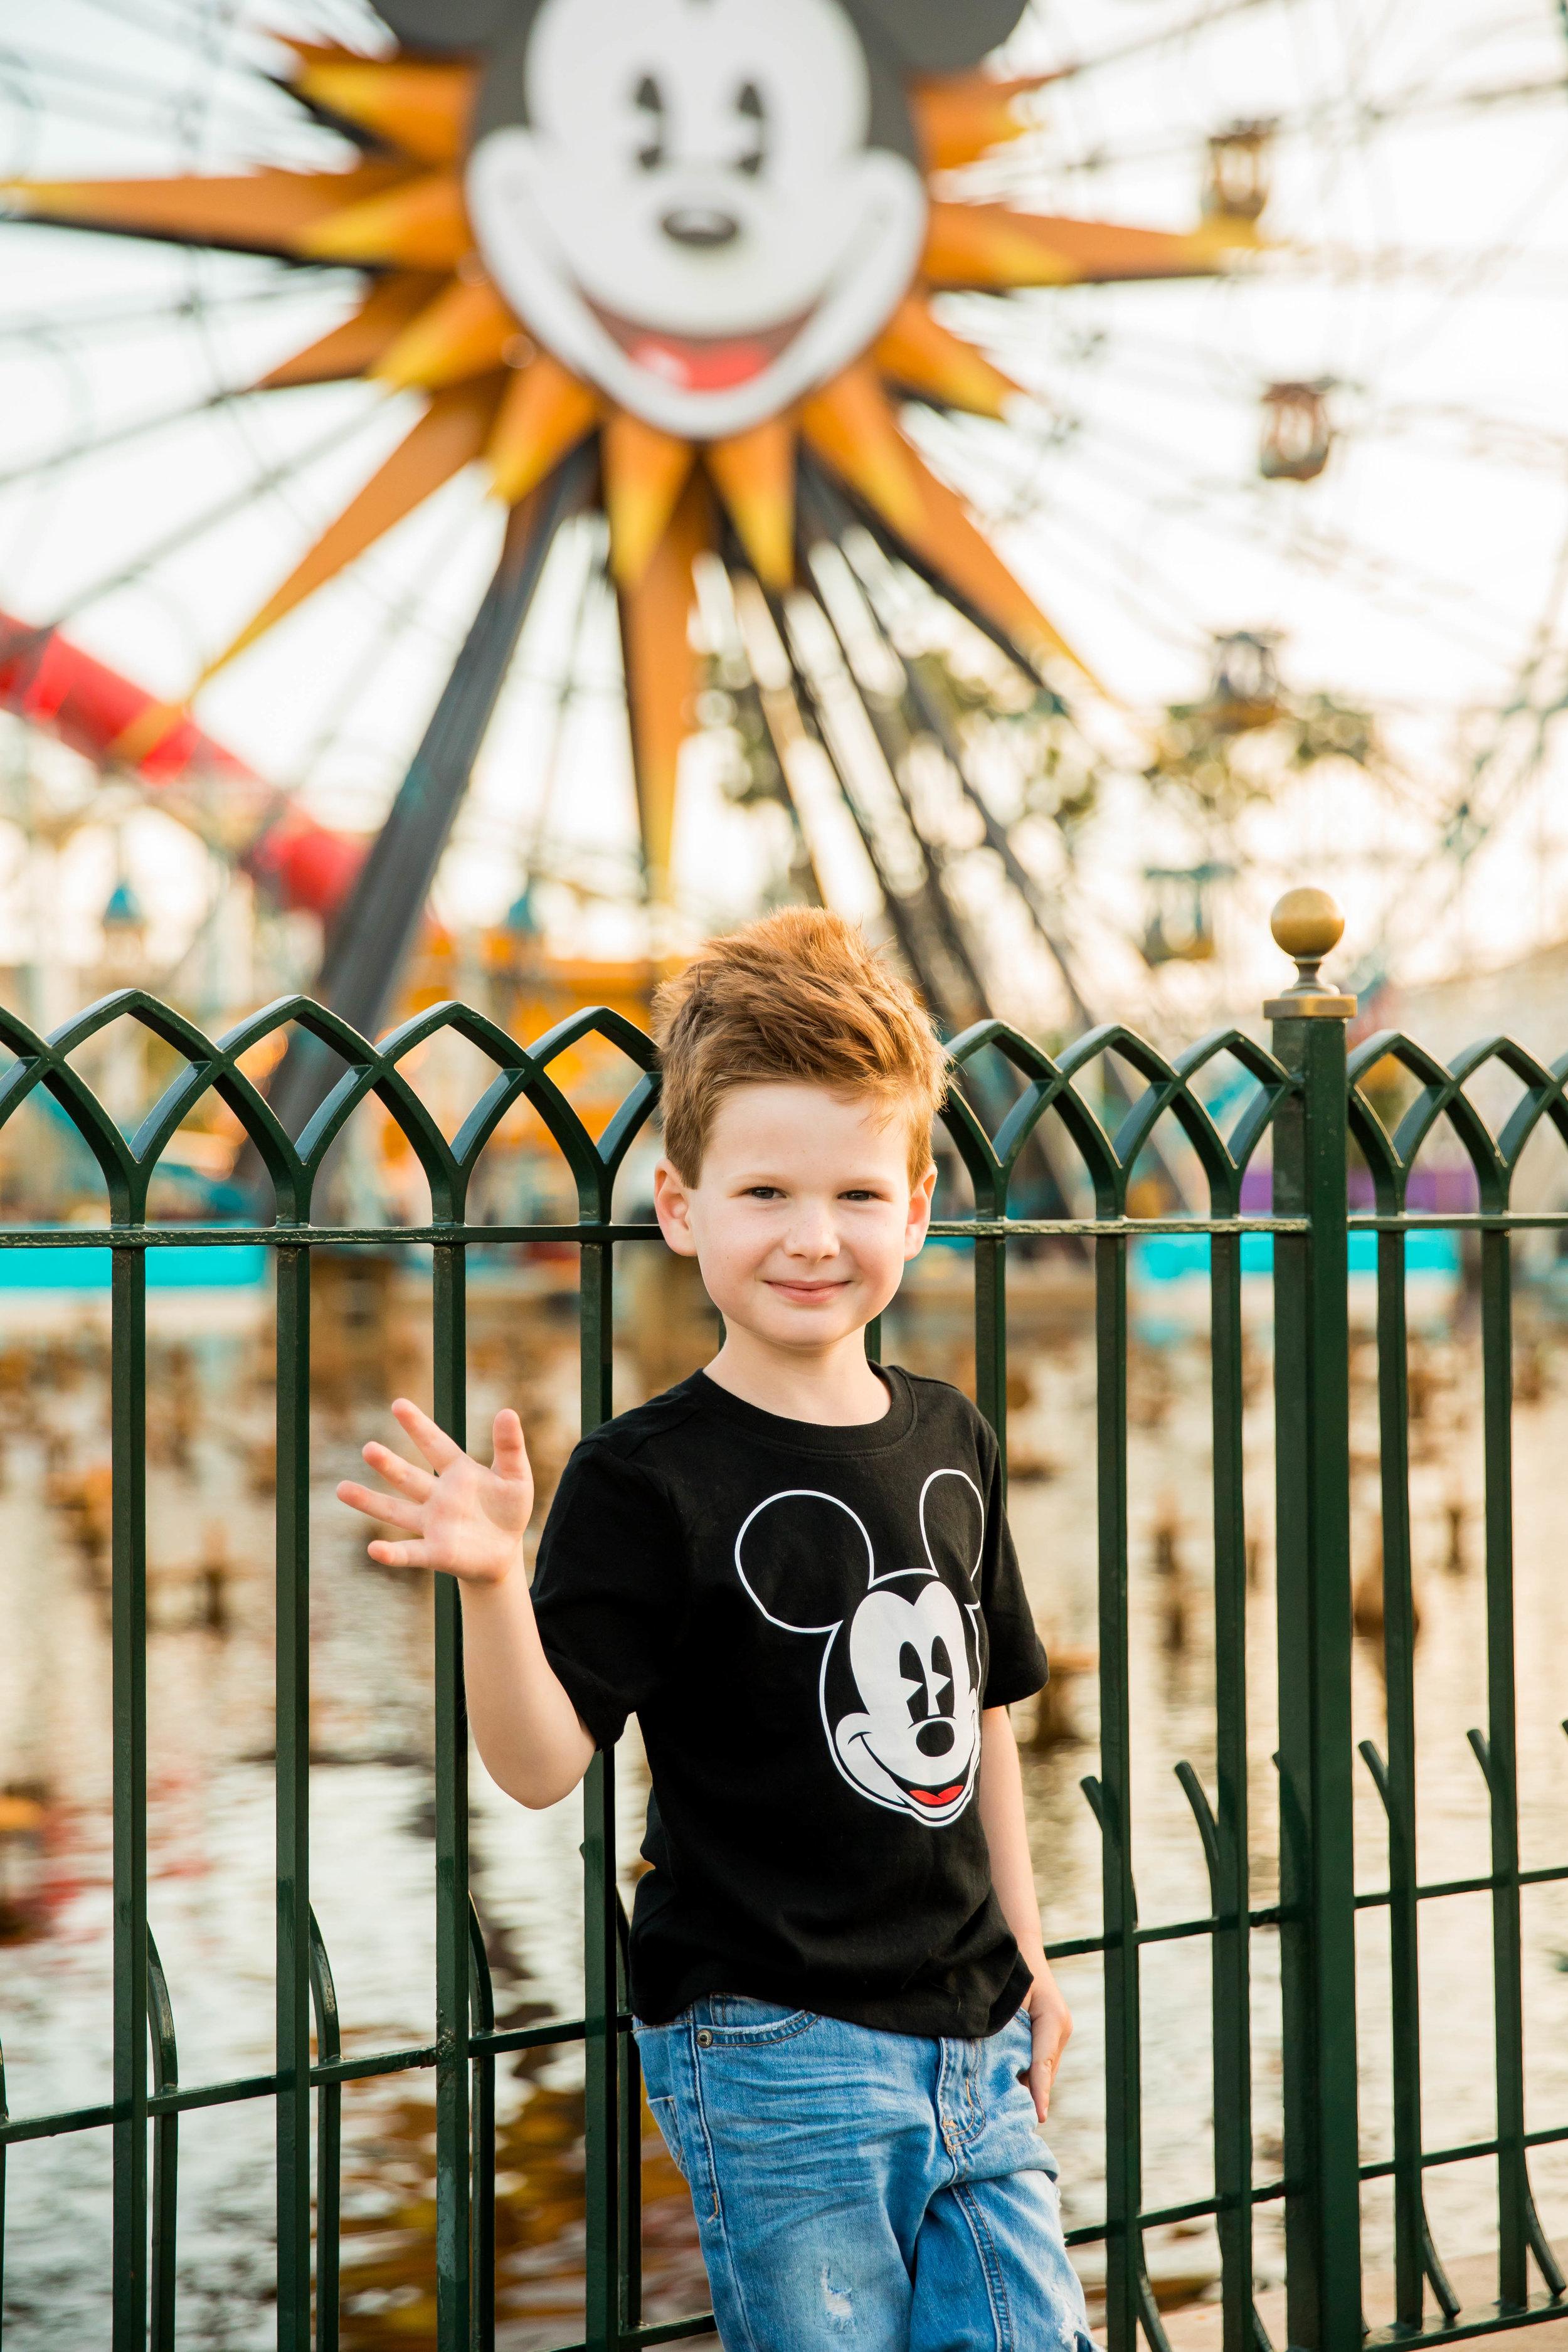 DisneylandPhotographer-SarahBlockPhotographyjpg